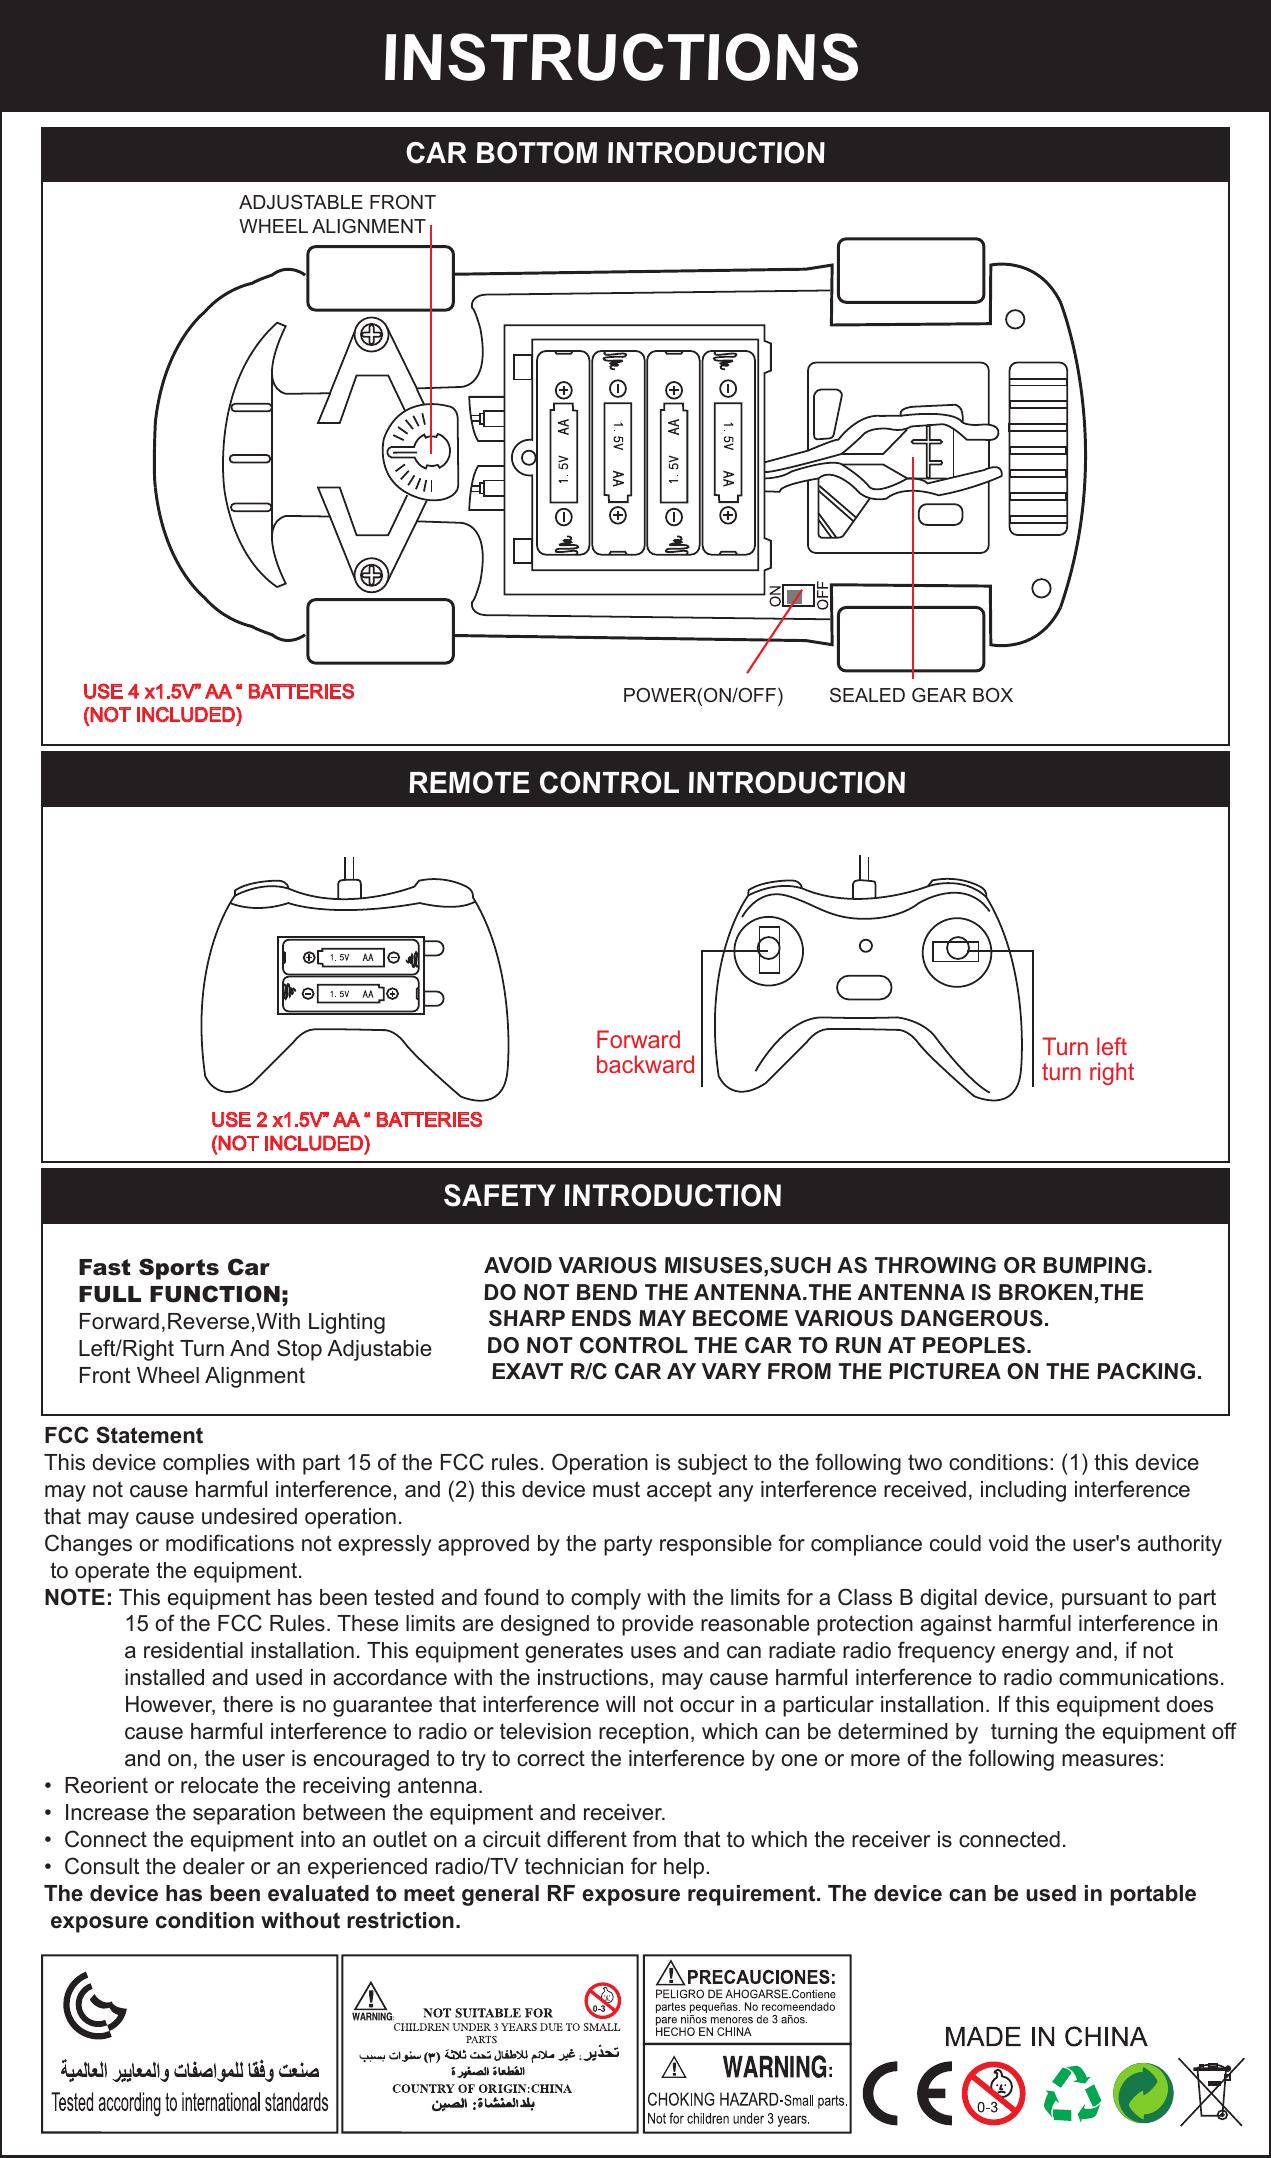 Yueda Toys Factory Yd 388 Radio Control Car Toys User Manual